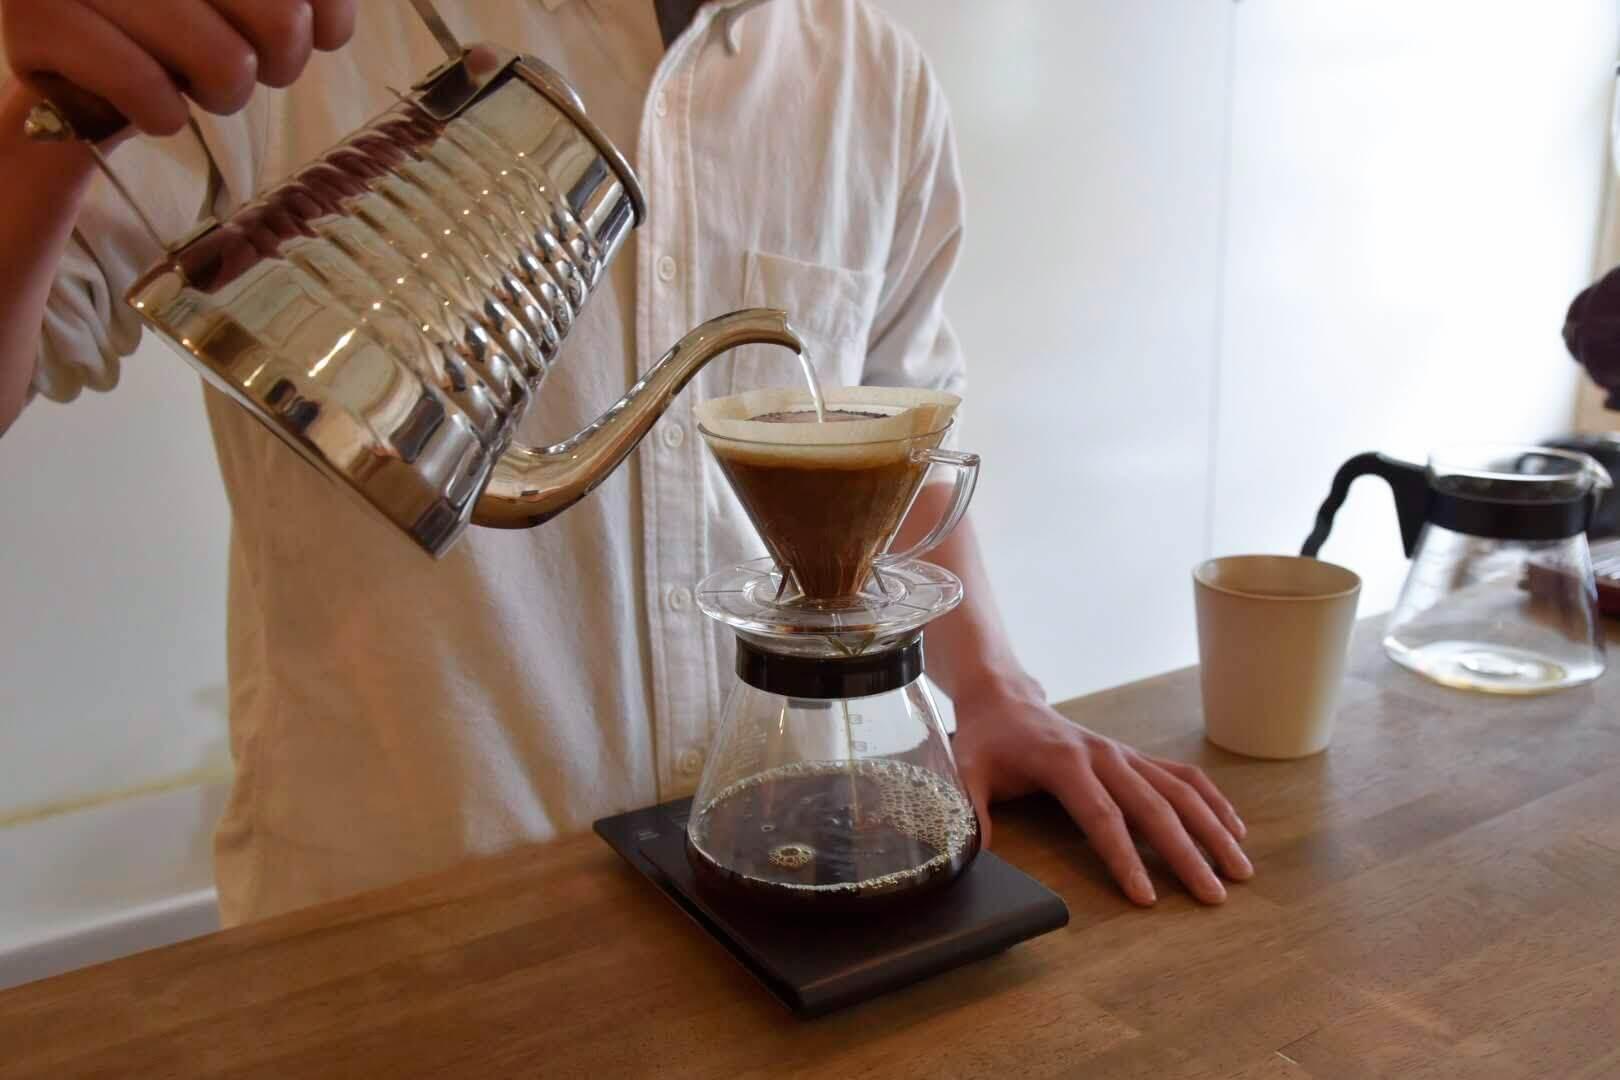 コーヒーをドリップしてるところ